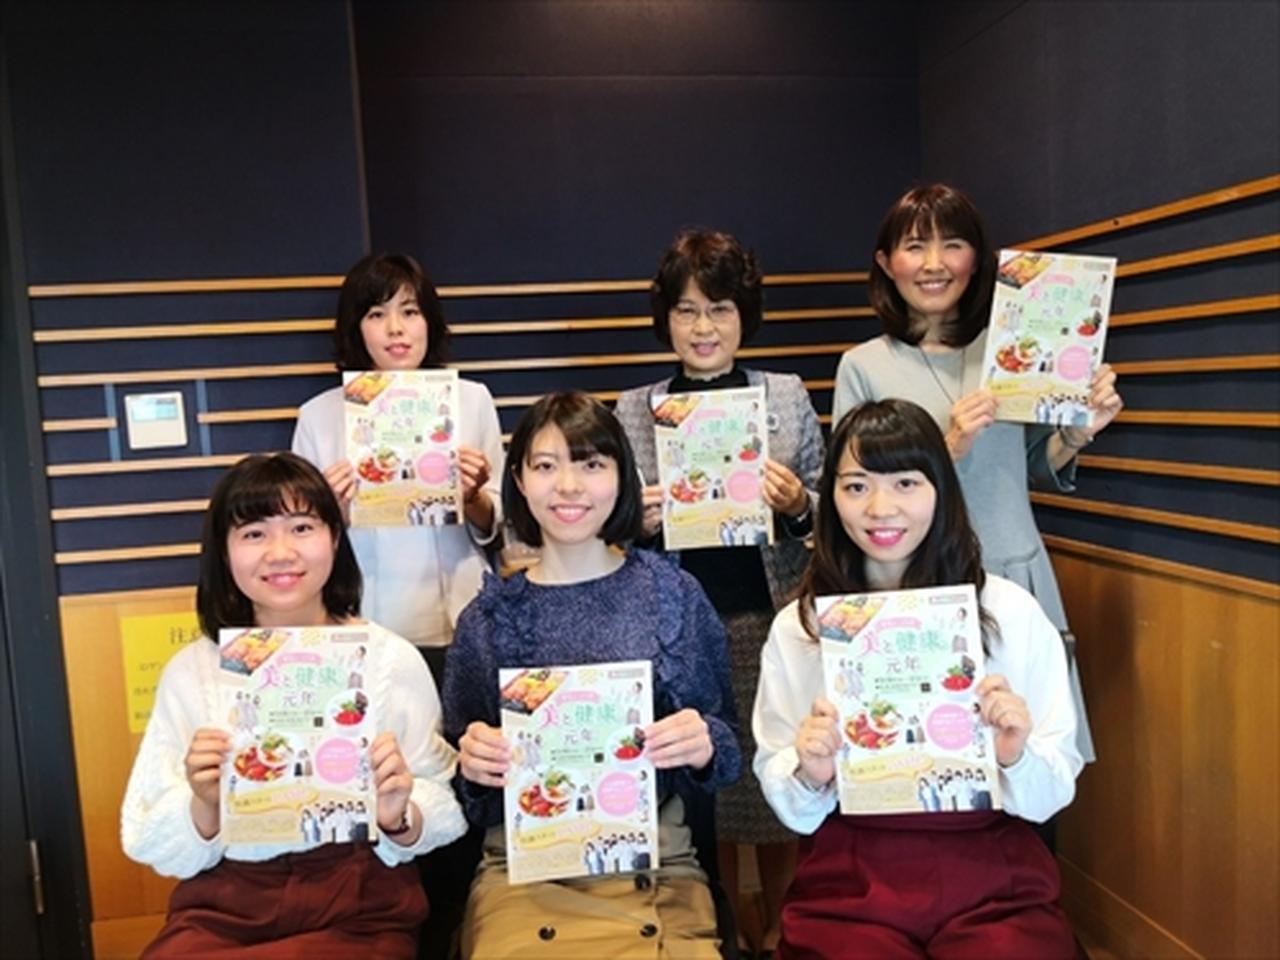 画像1: 武庫川女子大学ラジオ- MUKOJO ラジオ - 第111回-放送後記